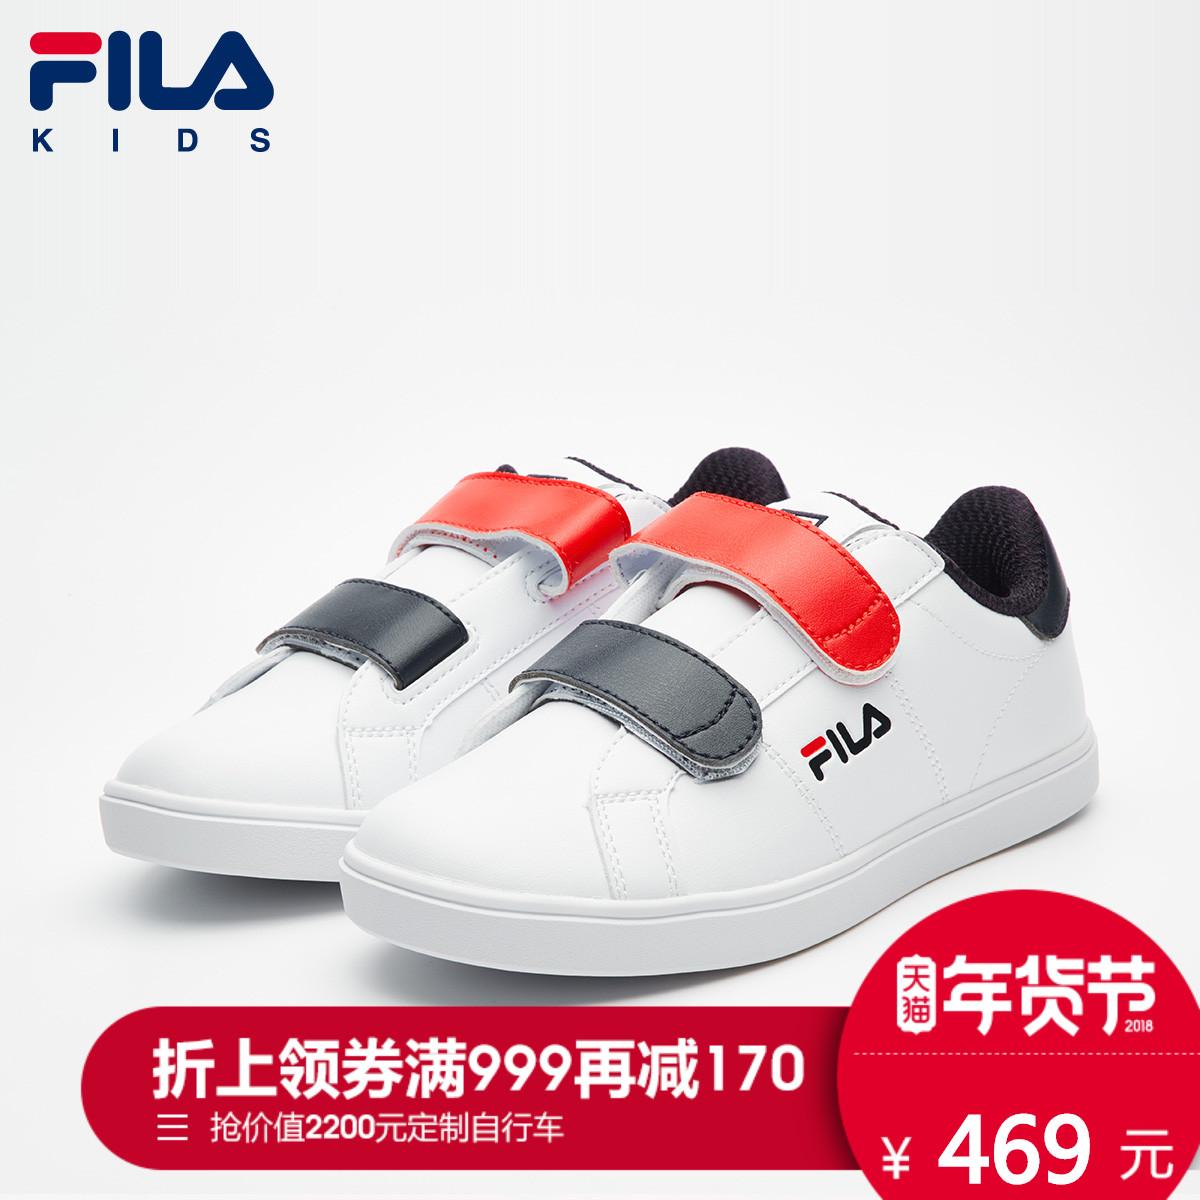 FILA斐乐童鞋2017冬季新款男女童鞋子轻质舒适时尚休闲板鞋小白鞋